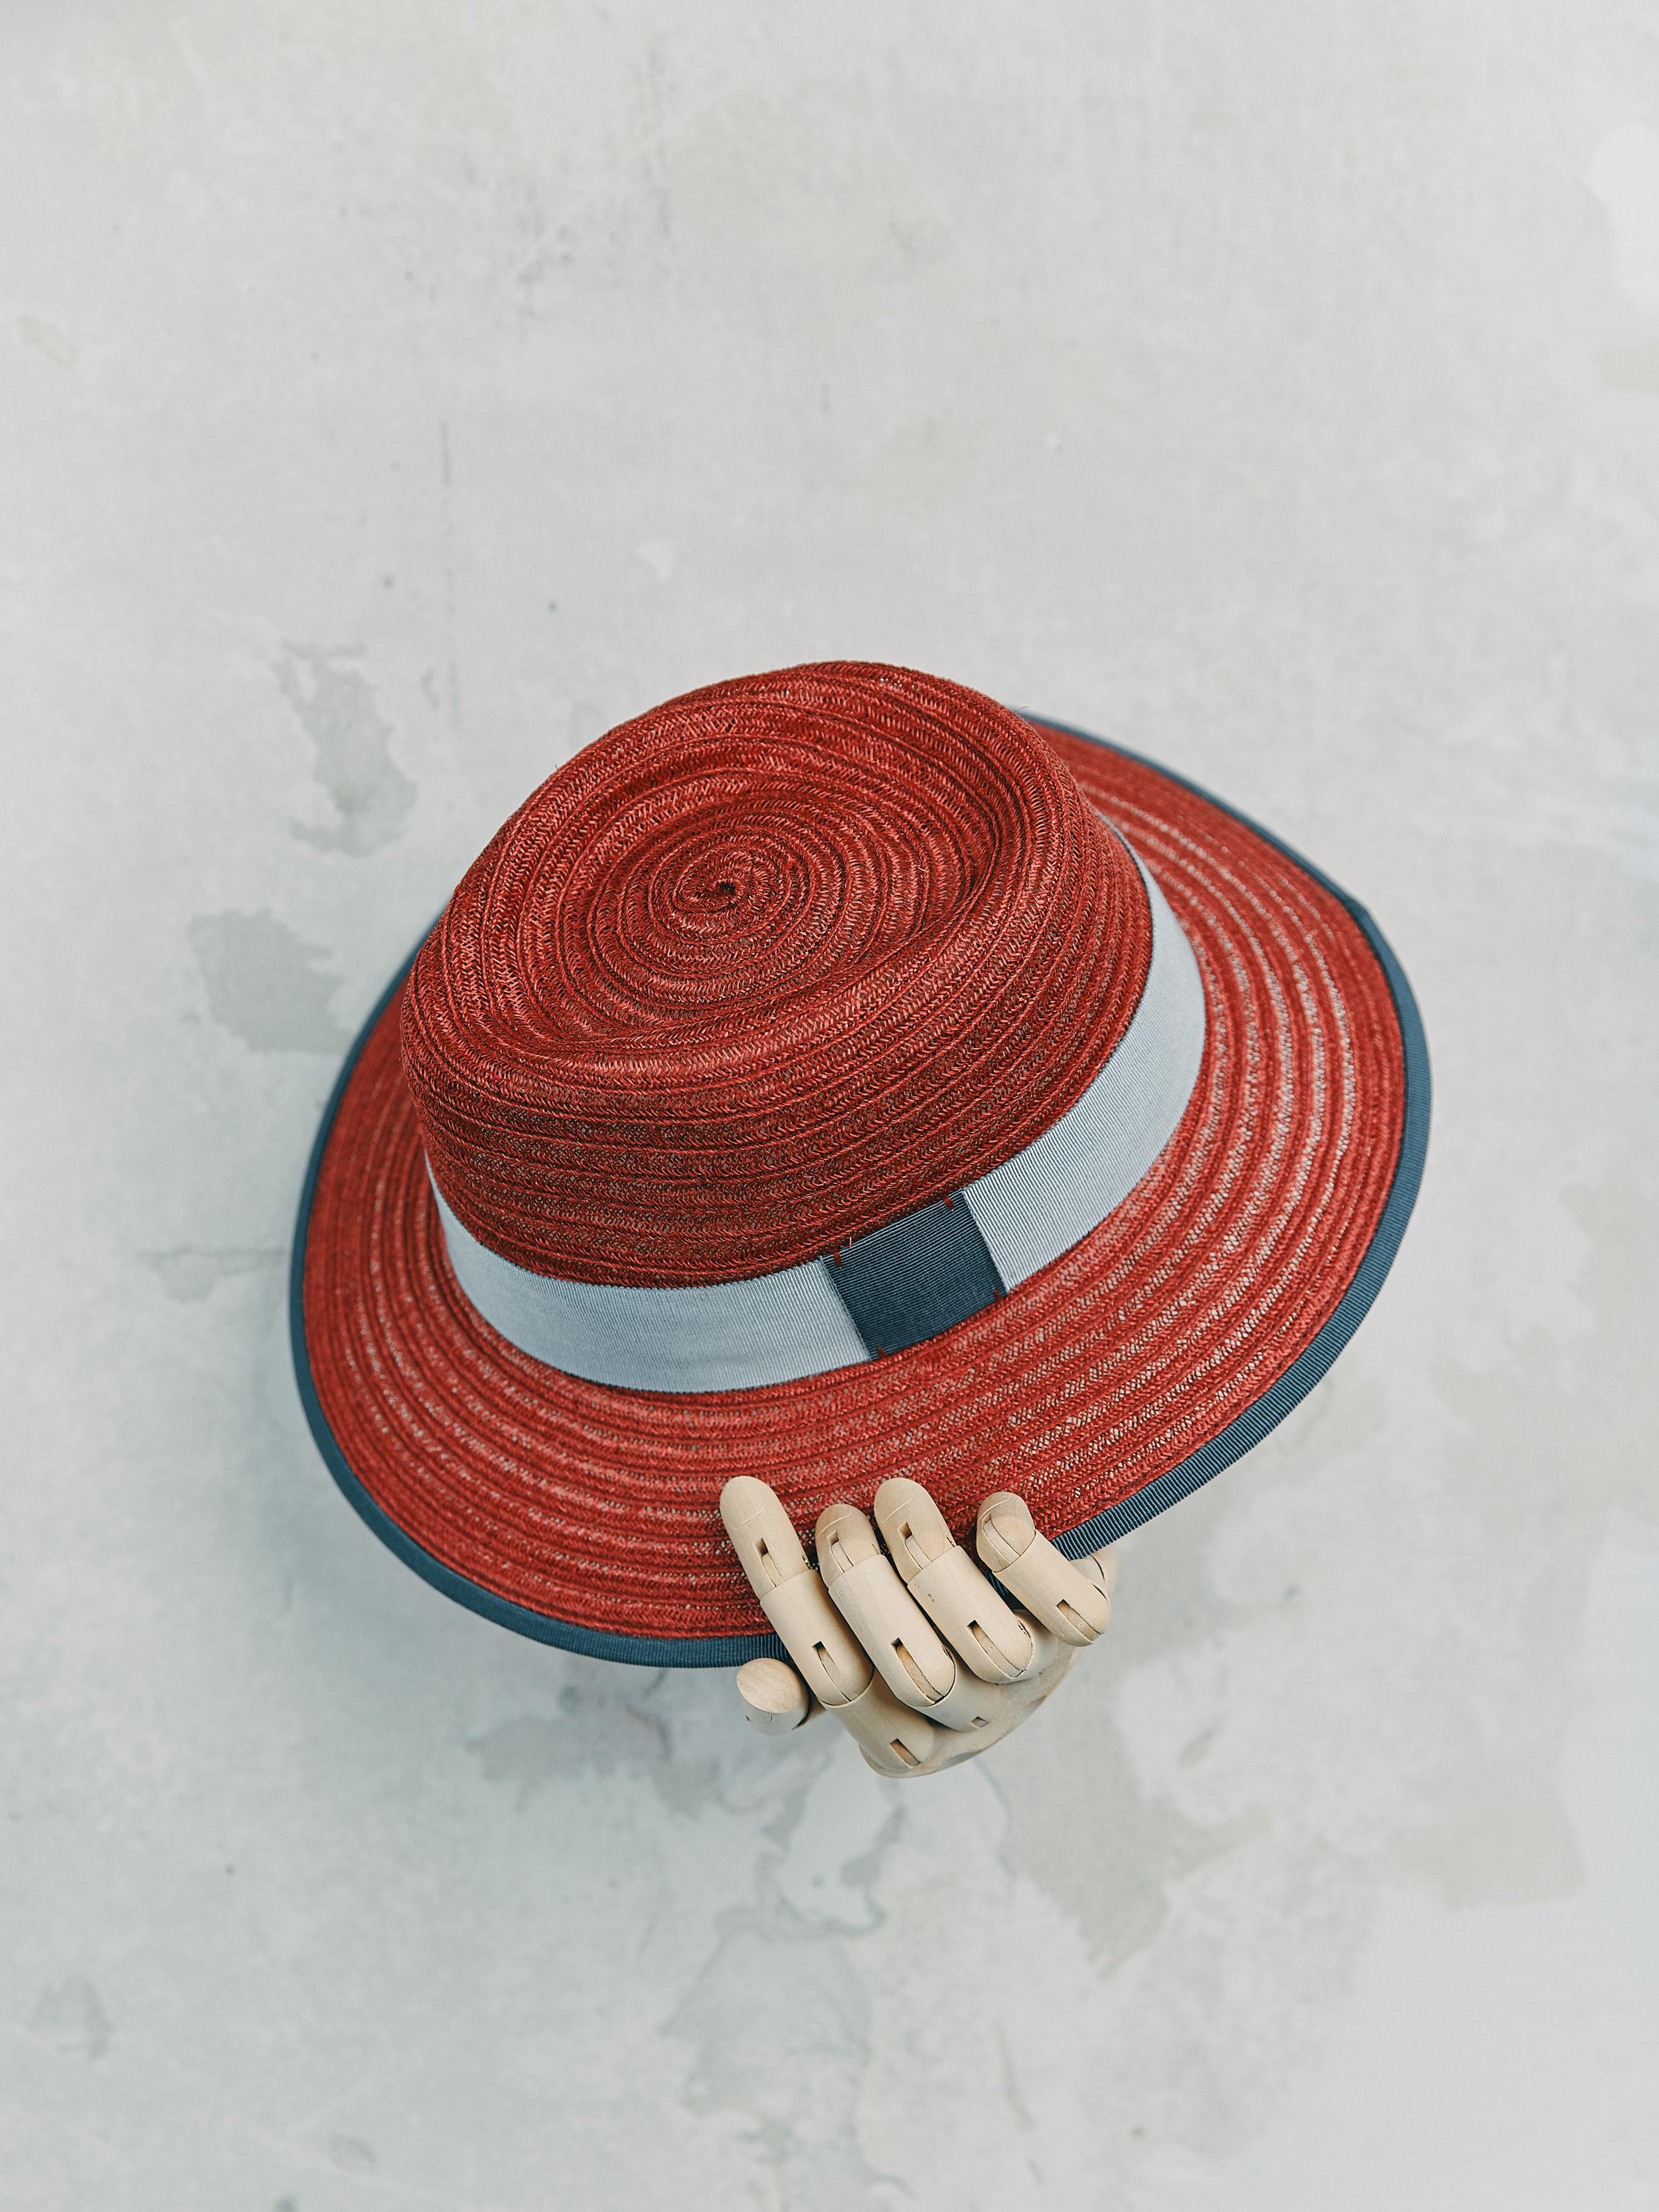 CANOTIER - Cherise bordé ruban Gris foncé